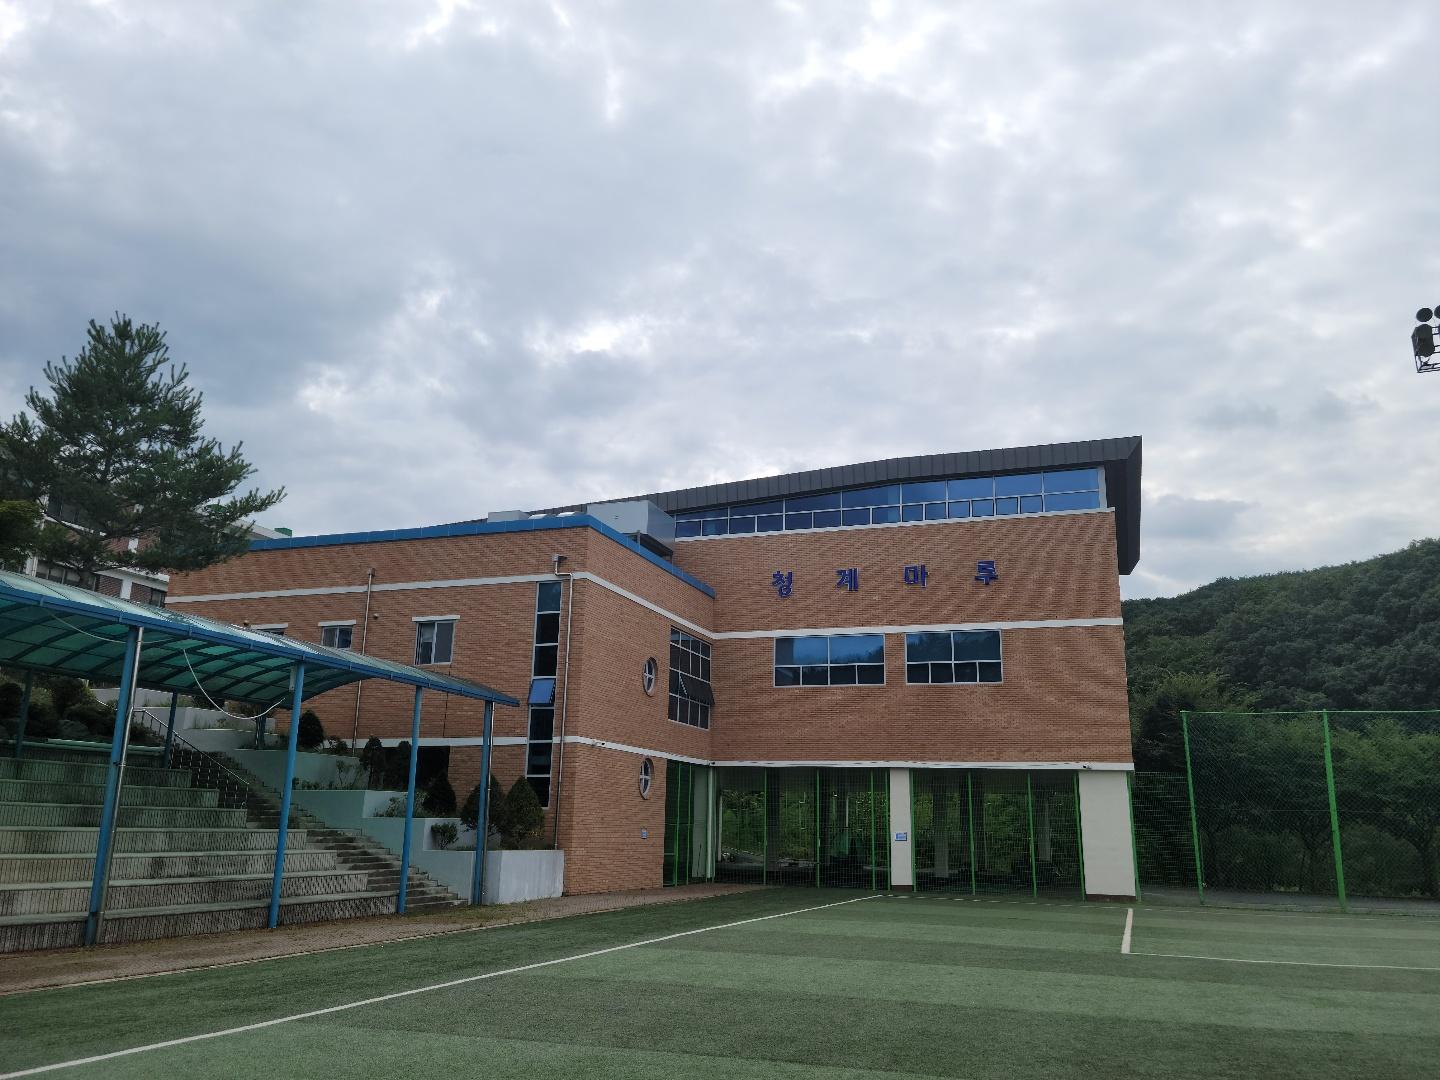 [일반] 일동중학교 체육관입니다.의 첨부이미지 1